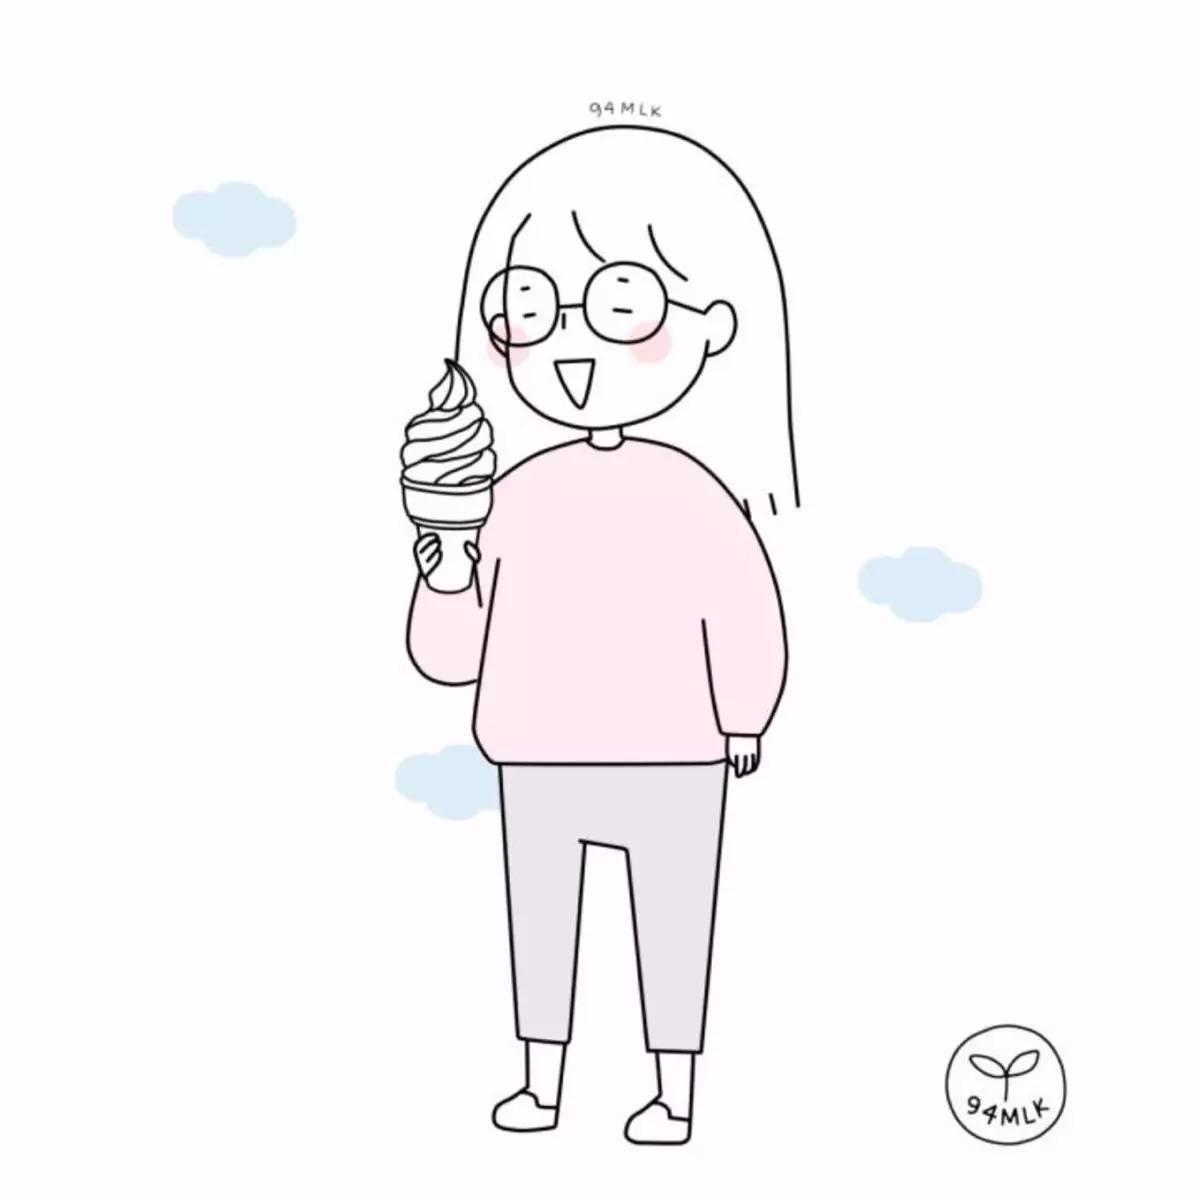 吃冰淇淋简笔画